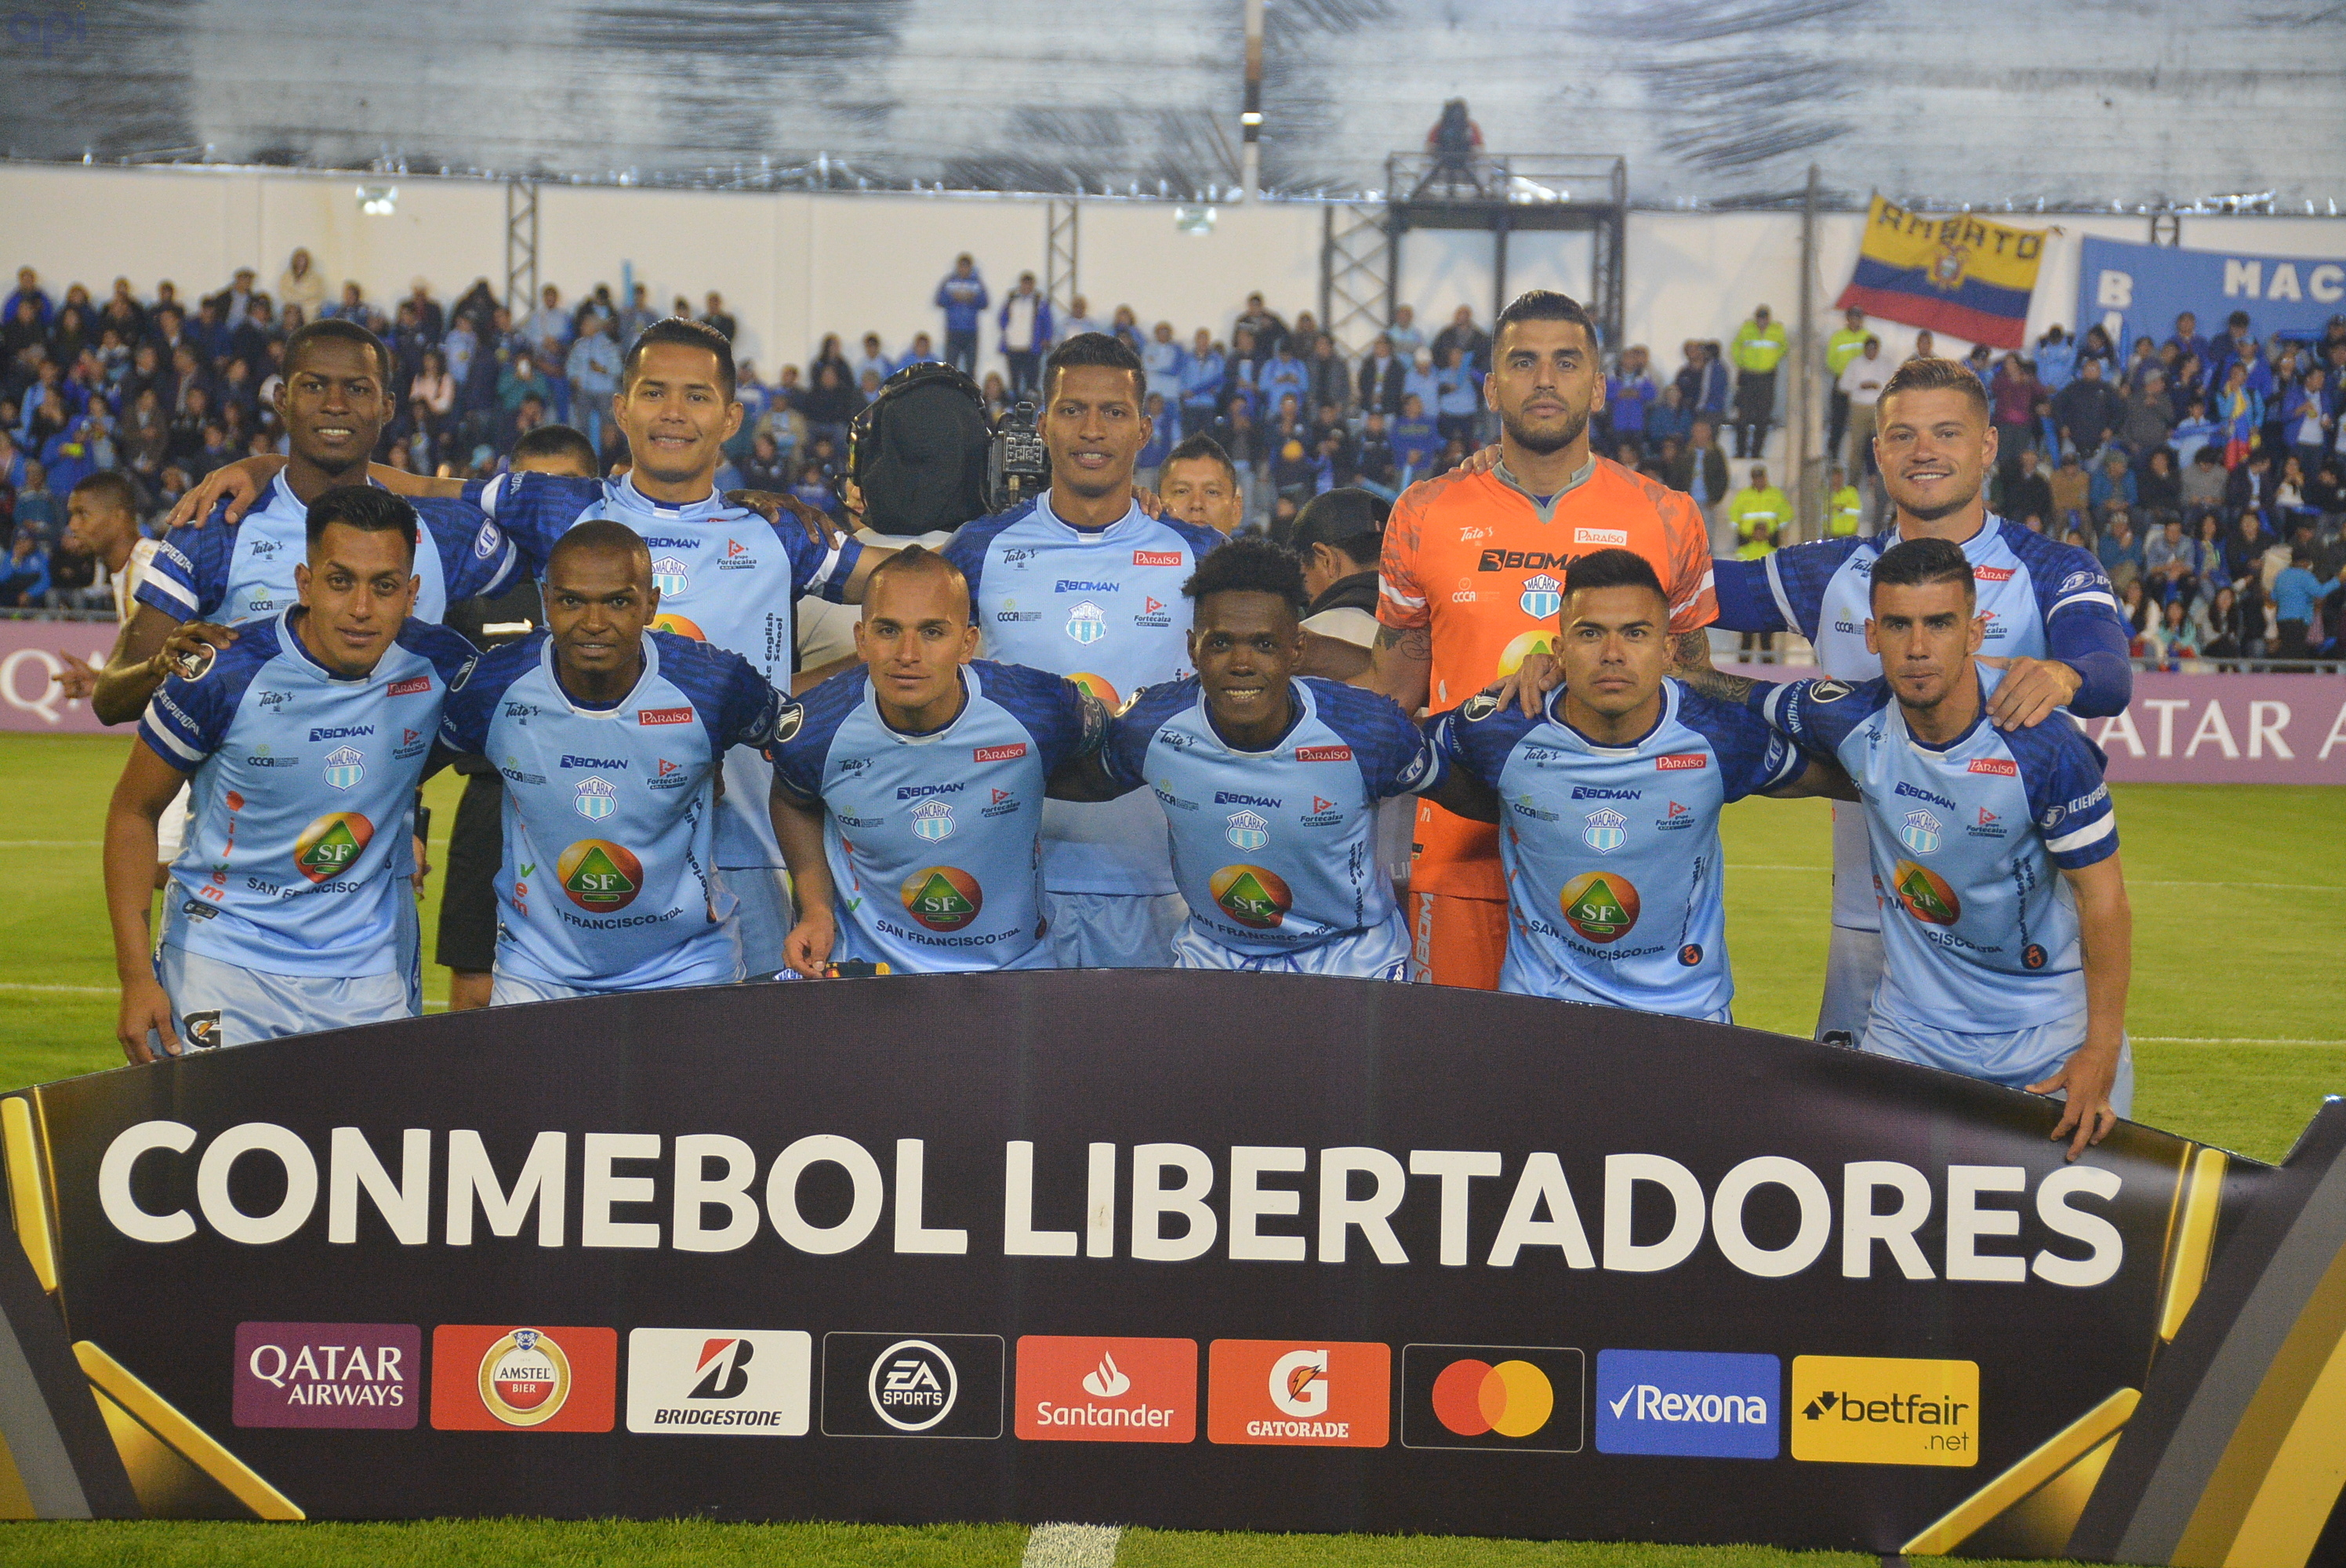 John Narváez lamentó la eliminación de Copa Libertadores y ya piensa en el debut de Macará en la LigaPro